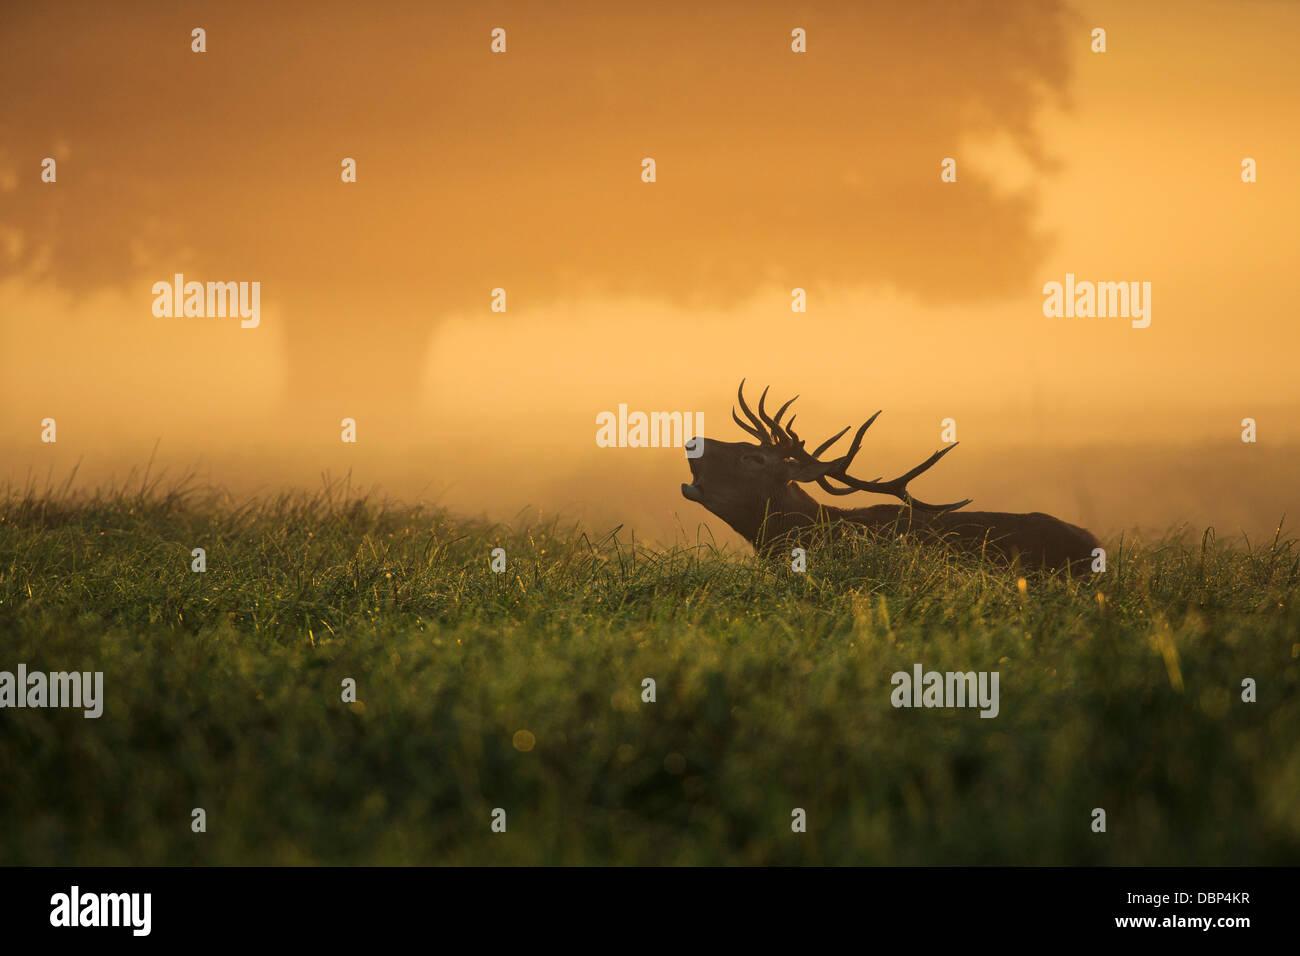 Hirsch im Feld in der Dämmerung Stockfoto